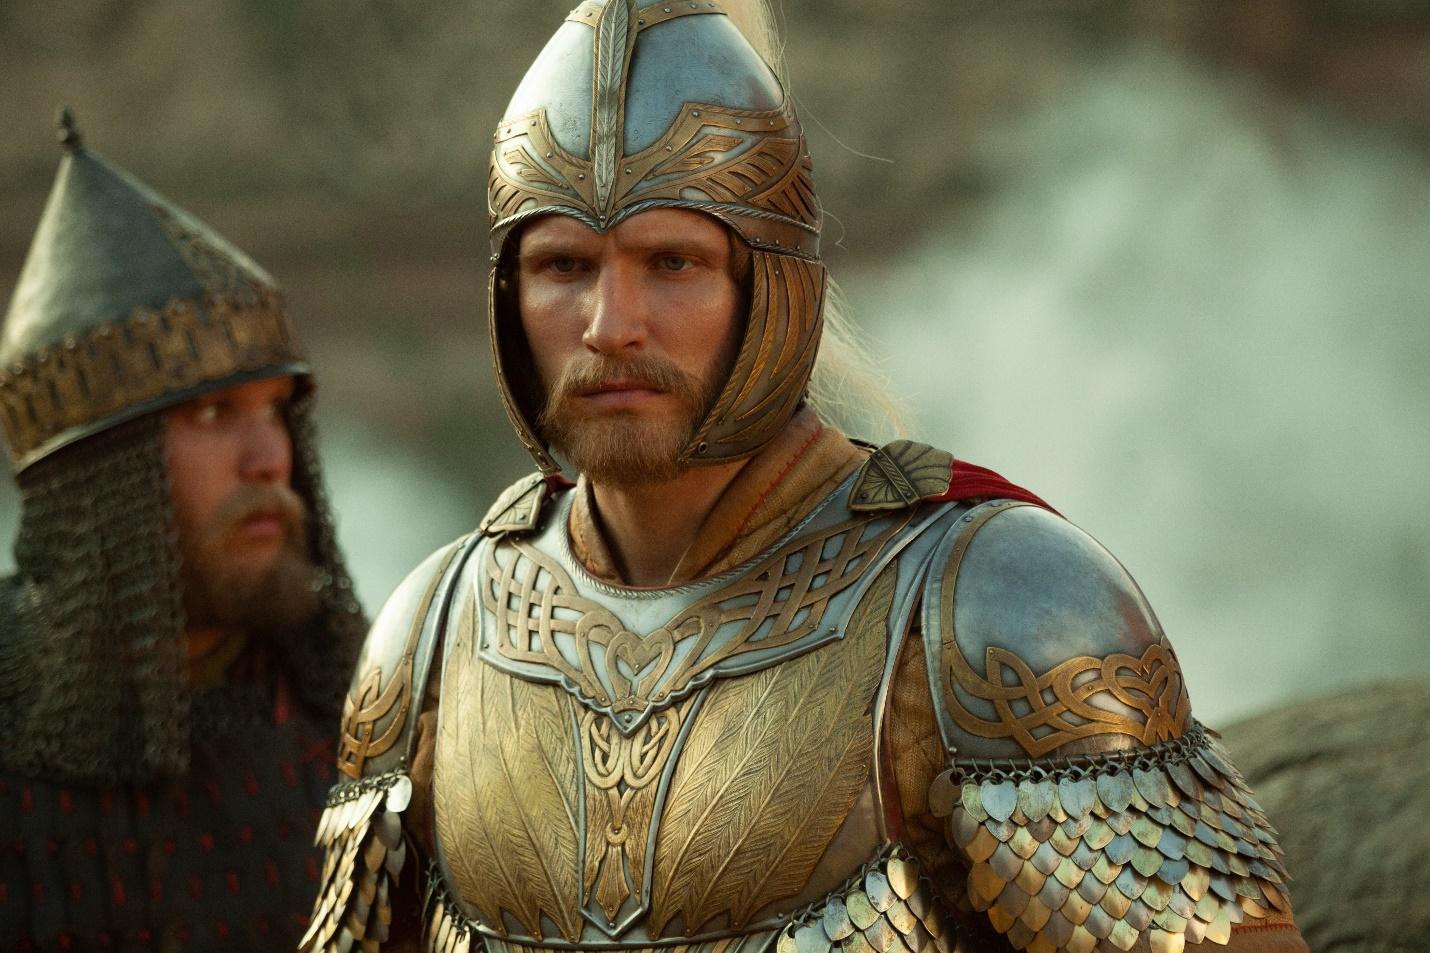 The Last Warrior: Root Of Evil - chuyến phiêu lưu hấp dẫn và kịch tính vào thế giới cổ tích của Nga - Ảnh 3.